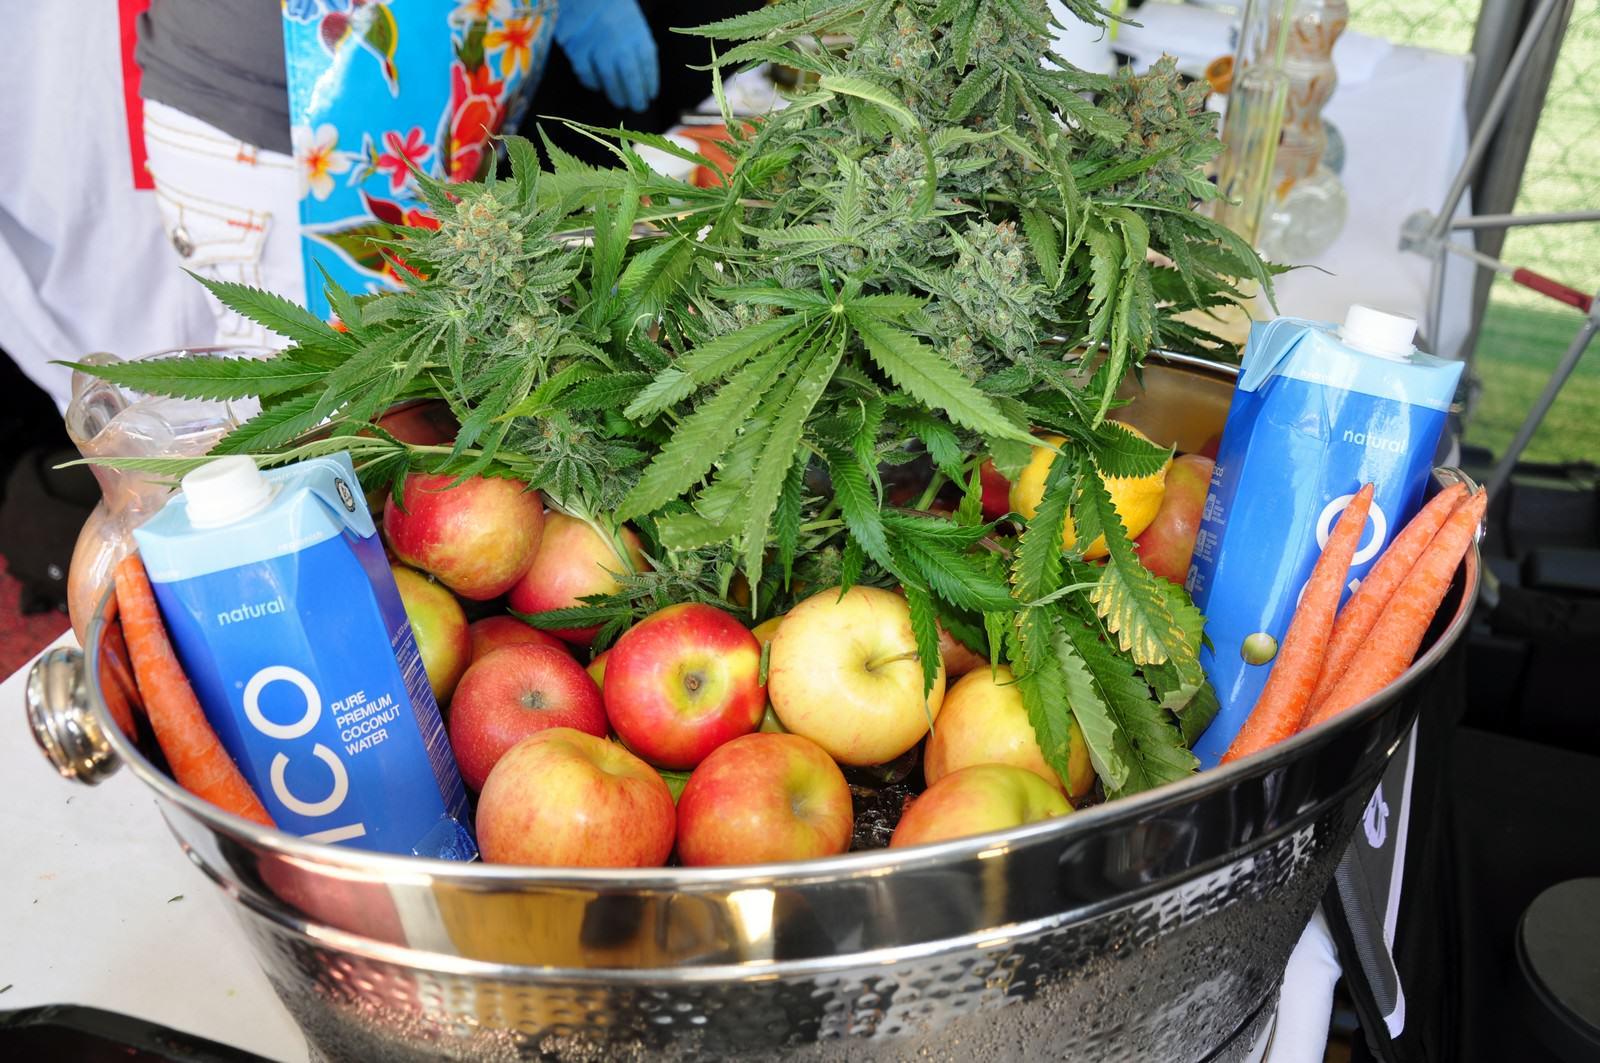 Le cannabis peut être consommé dans l'alimentation sous sa forme fraîche